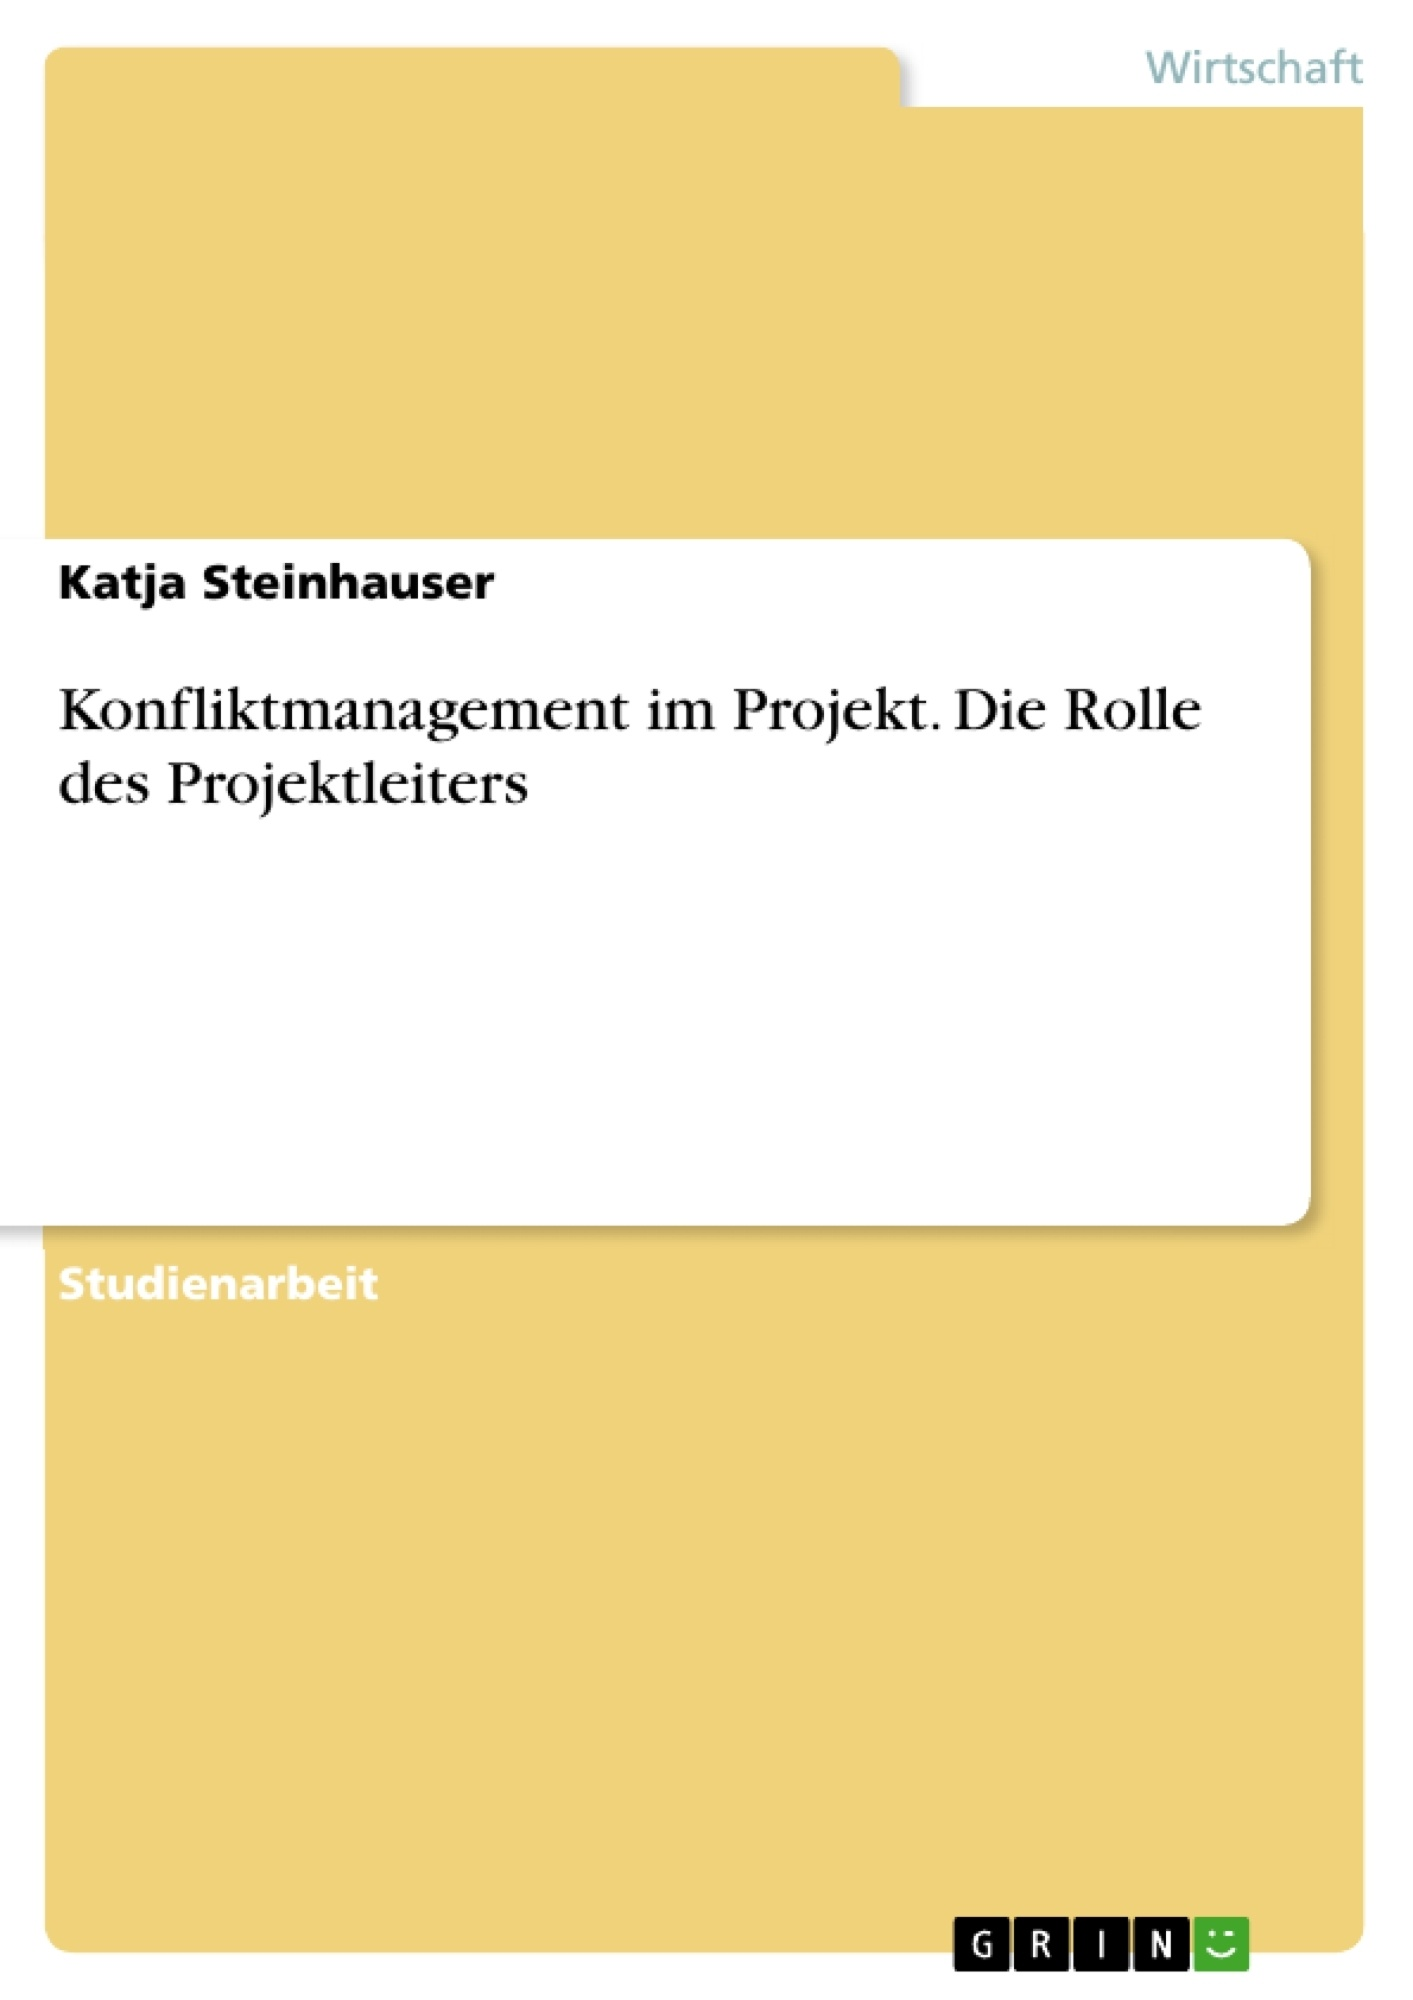 Titel: Konfliktmanagement im Projekt. Die Rolle des Projektleiters